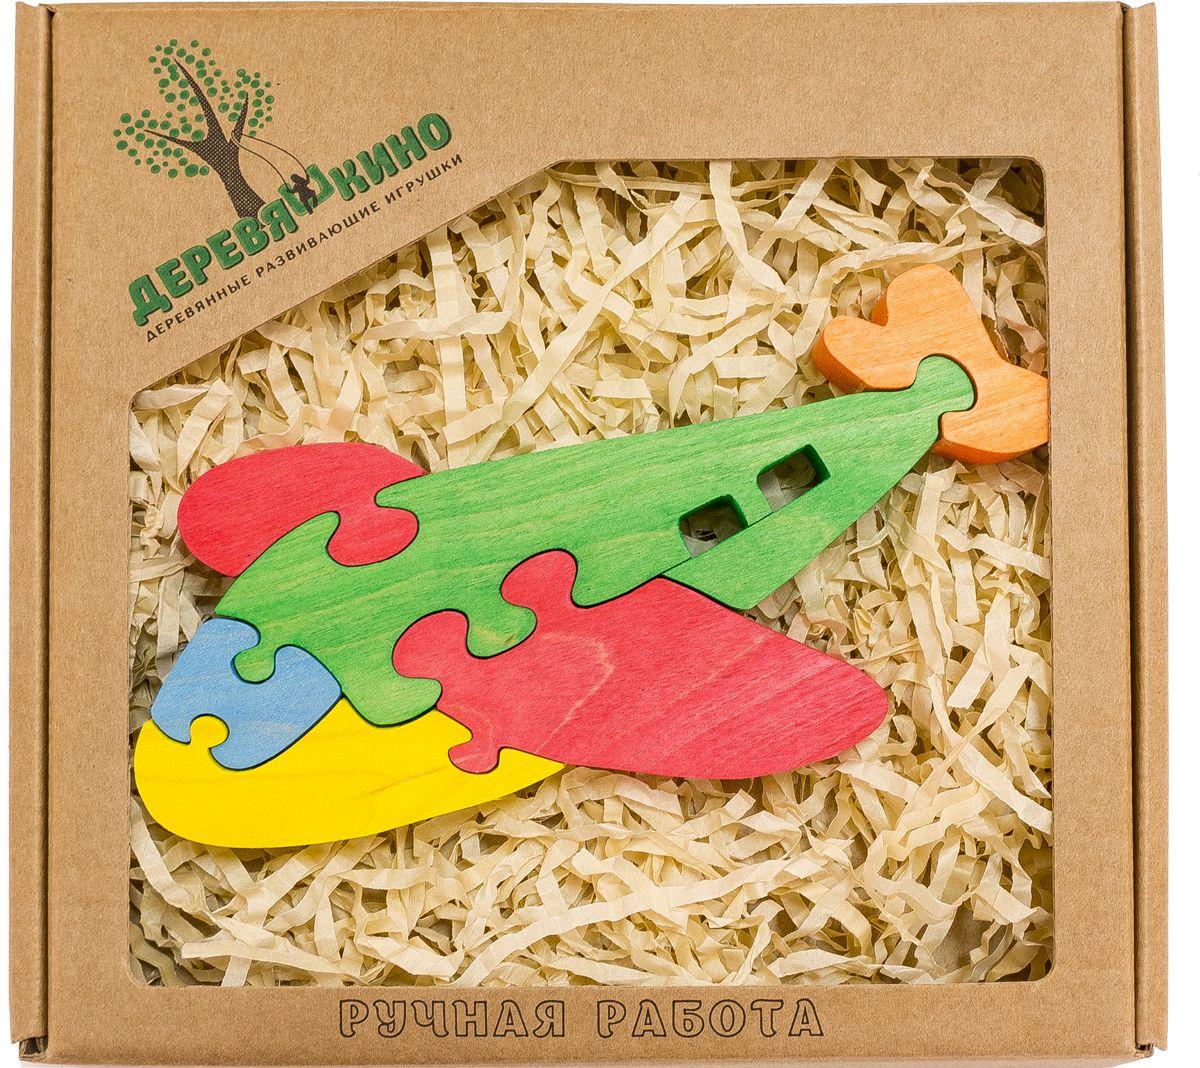 Деревяшкино Пазл для малышей Самолетик588Развивающая деревянная головоломка Самолетик (средней степени сложности) подходит для мальчиков и девочек в возрасте 3-5лет, состоит из 6 деталей. Экологически чистый продукт: изготовлено вручную из массива березы. Игрушка раскрашена пищевой водостойкой краской, что делает взаимодействие с изделием абсолютно безопасным: никаких лаков, «химии» или добавок. Процесс сборки деревянной головоломки развивает: тактильную сенсорику, внимательность, усидчивость, пространственное мышление, мелкую моторику, а так же учит различать элементы по цвету, форме и размеру. С продукцией компании Деревяшкино, Ваши детки развиваются, играя без риска для здоровья.